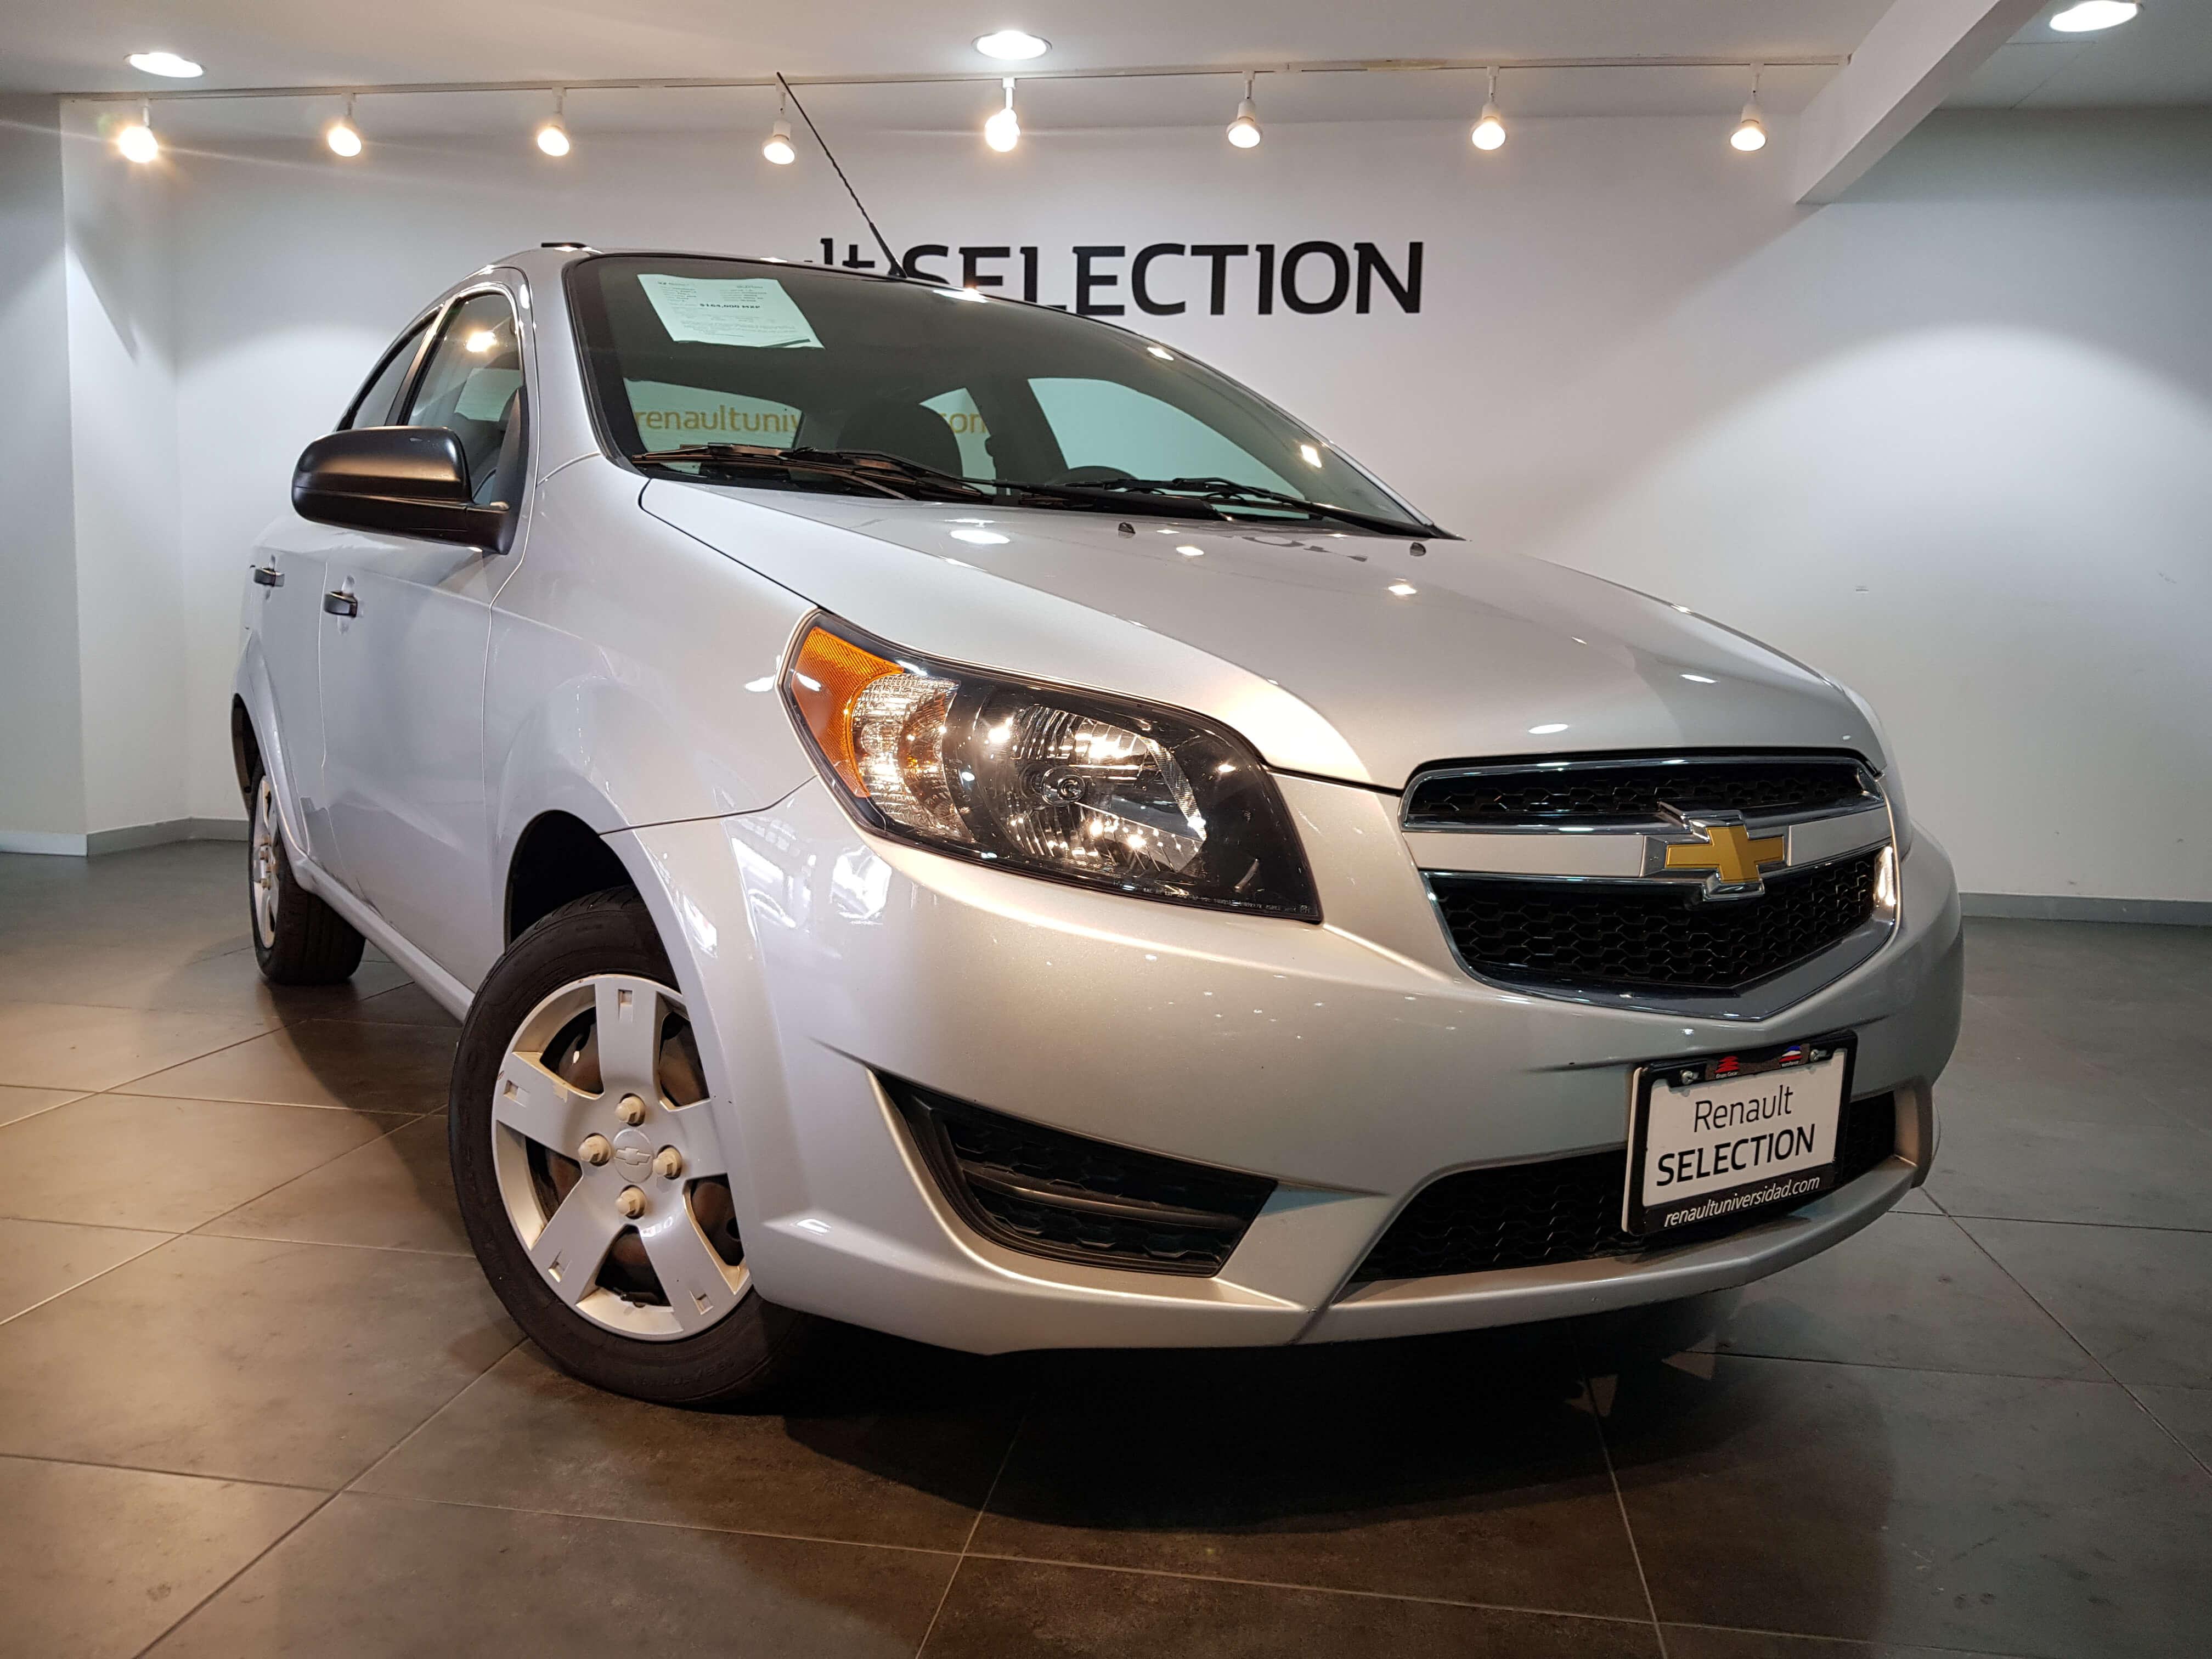 Chevrolet Aveo Llantas 4